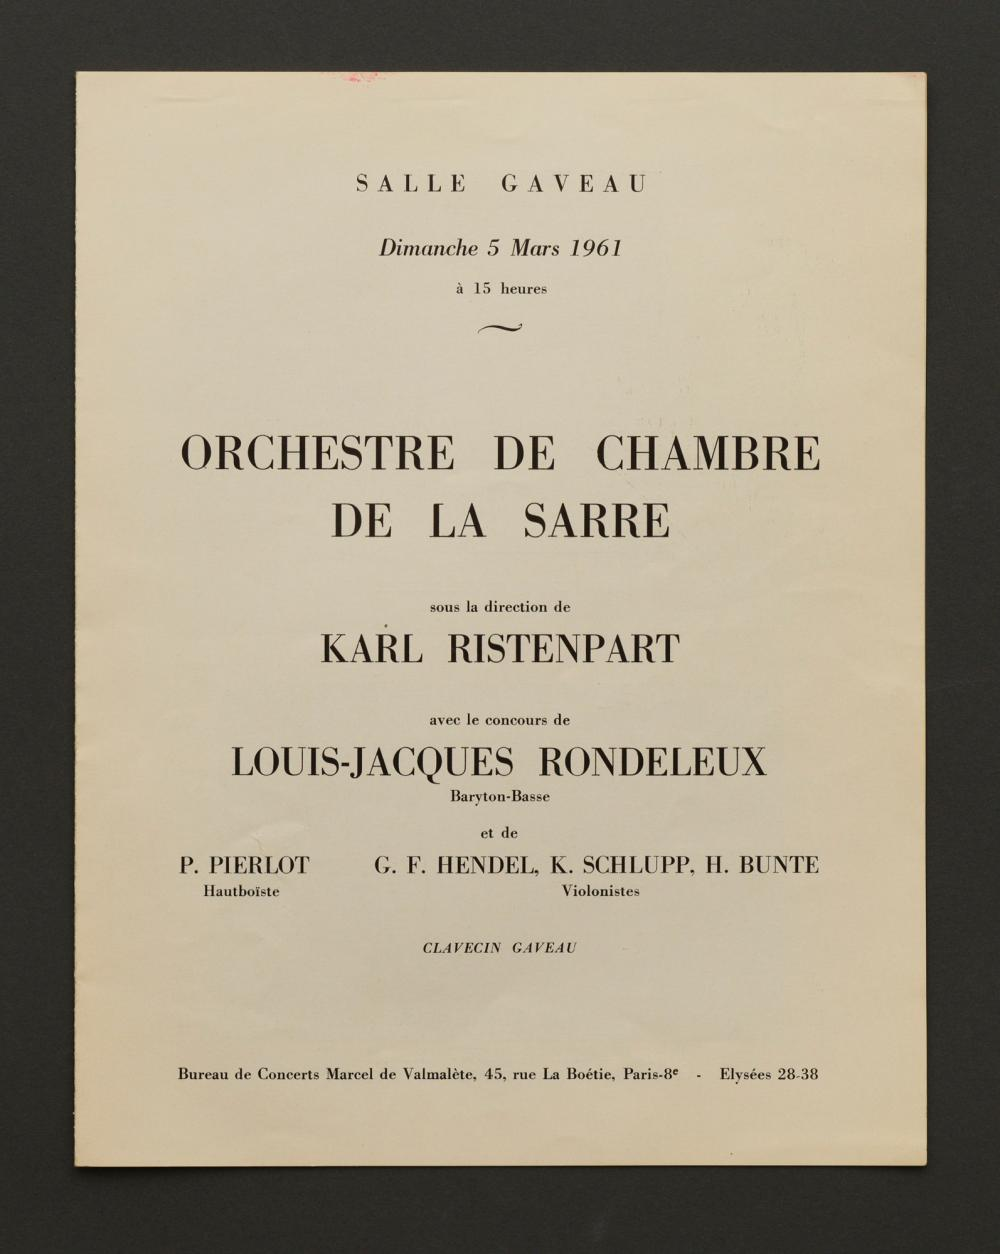 Louis Jacques RONDELEUX - Programme salle Gaveau, 1961 - dédicacé par le Baryton basse - 27 x 21 cm